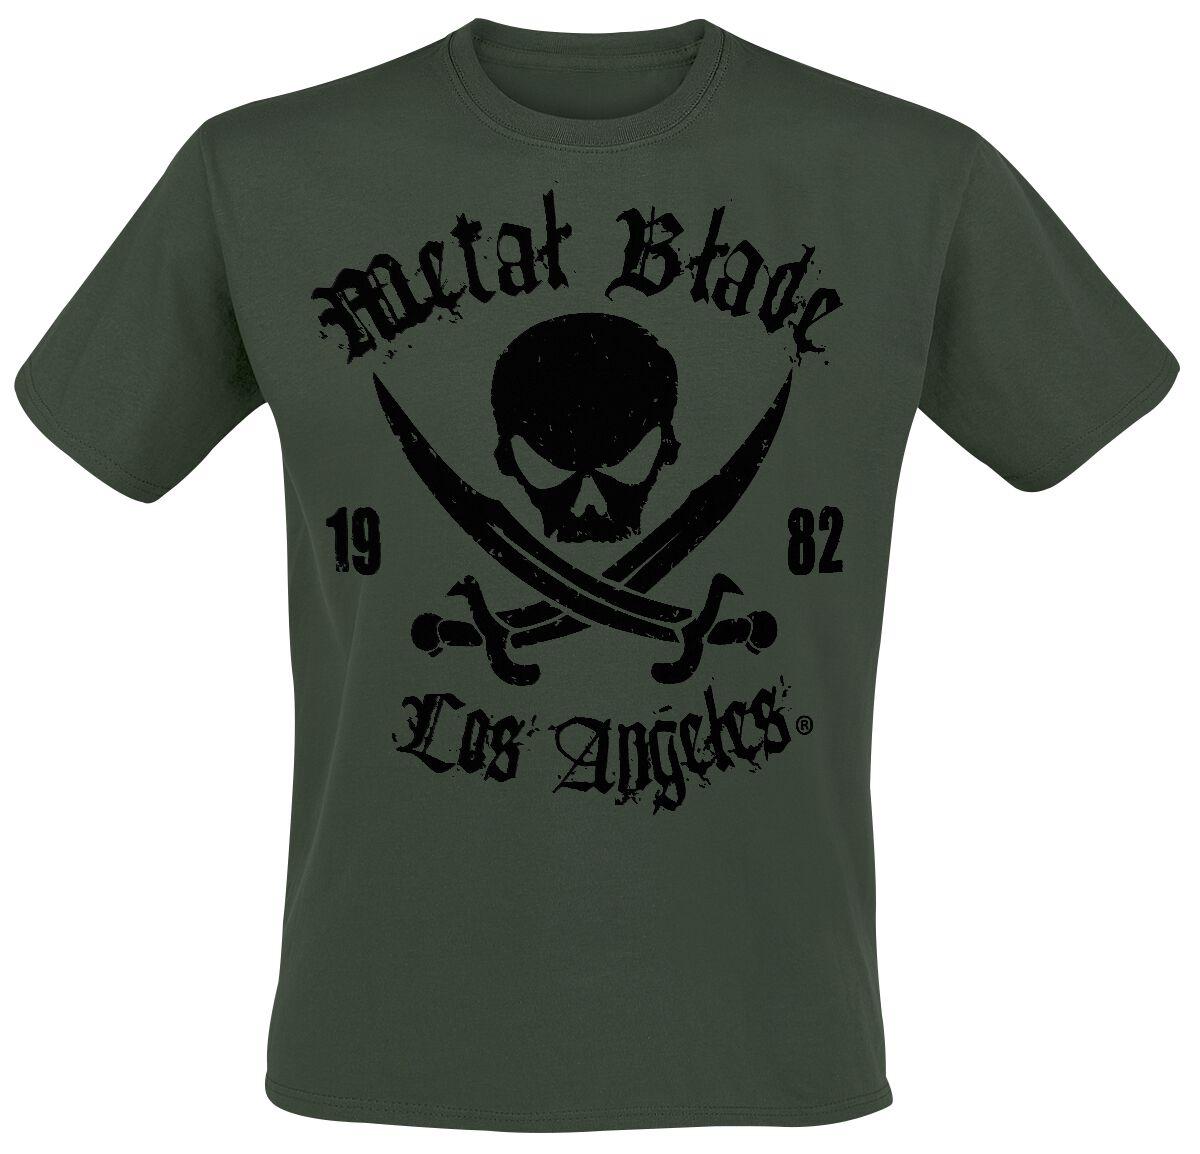 Merch dla Fanów - Koszulki - T-Shirt Metal Blade Pirate Logo T-Shirt zielony - 289823